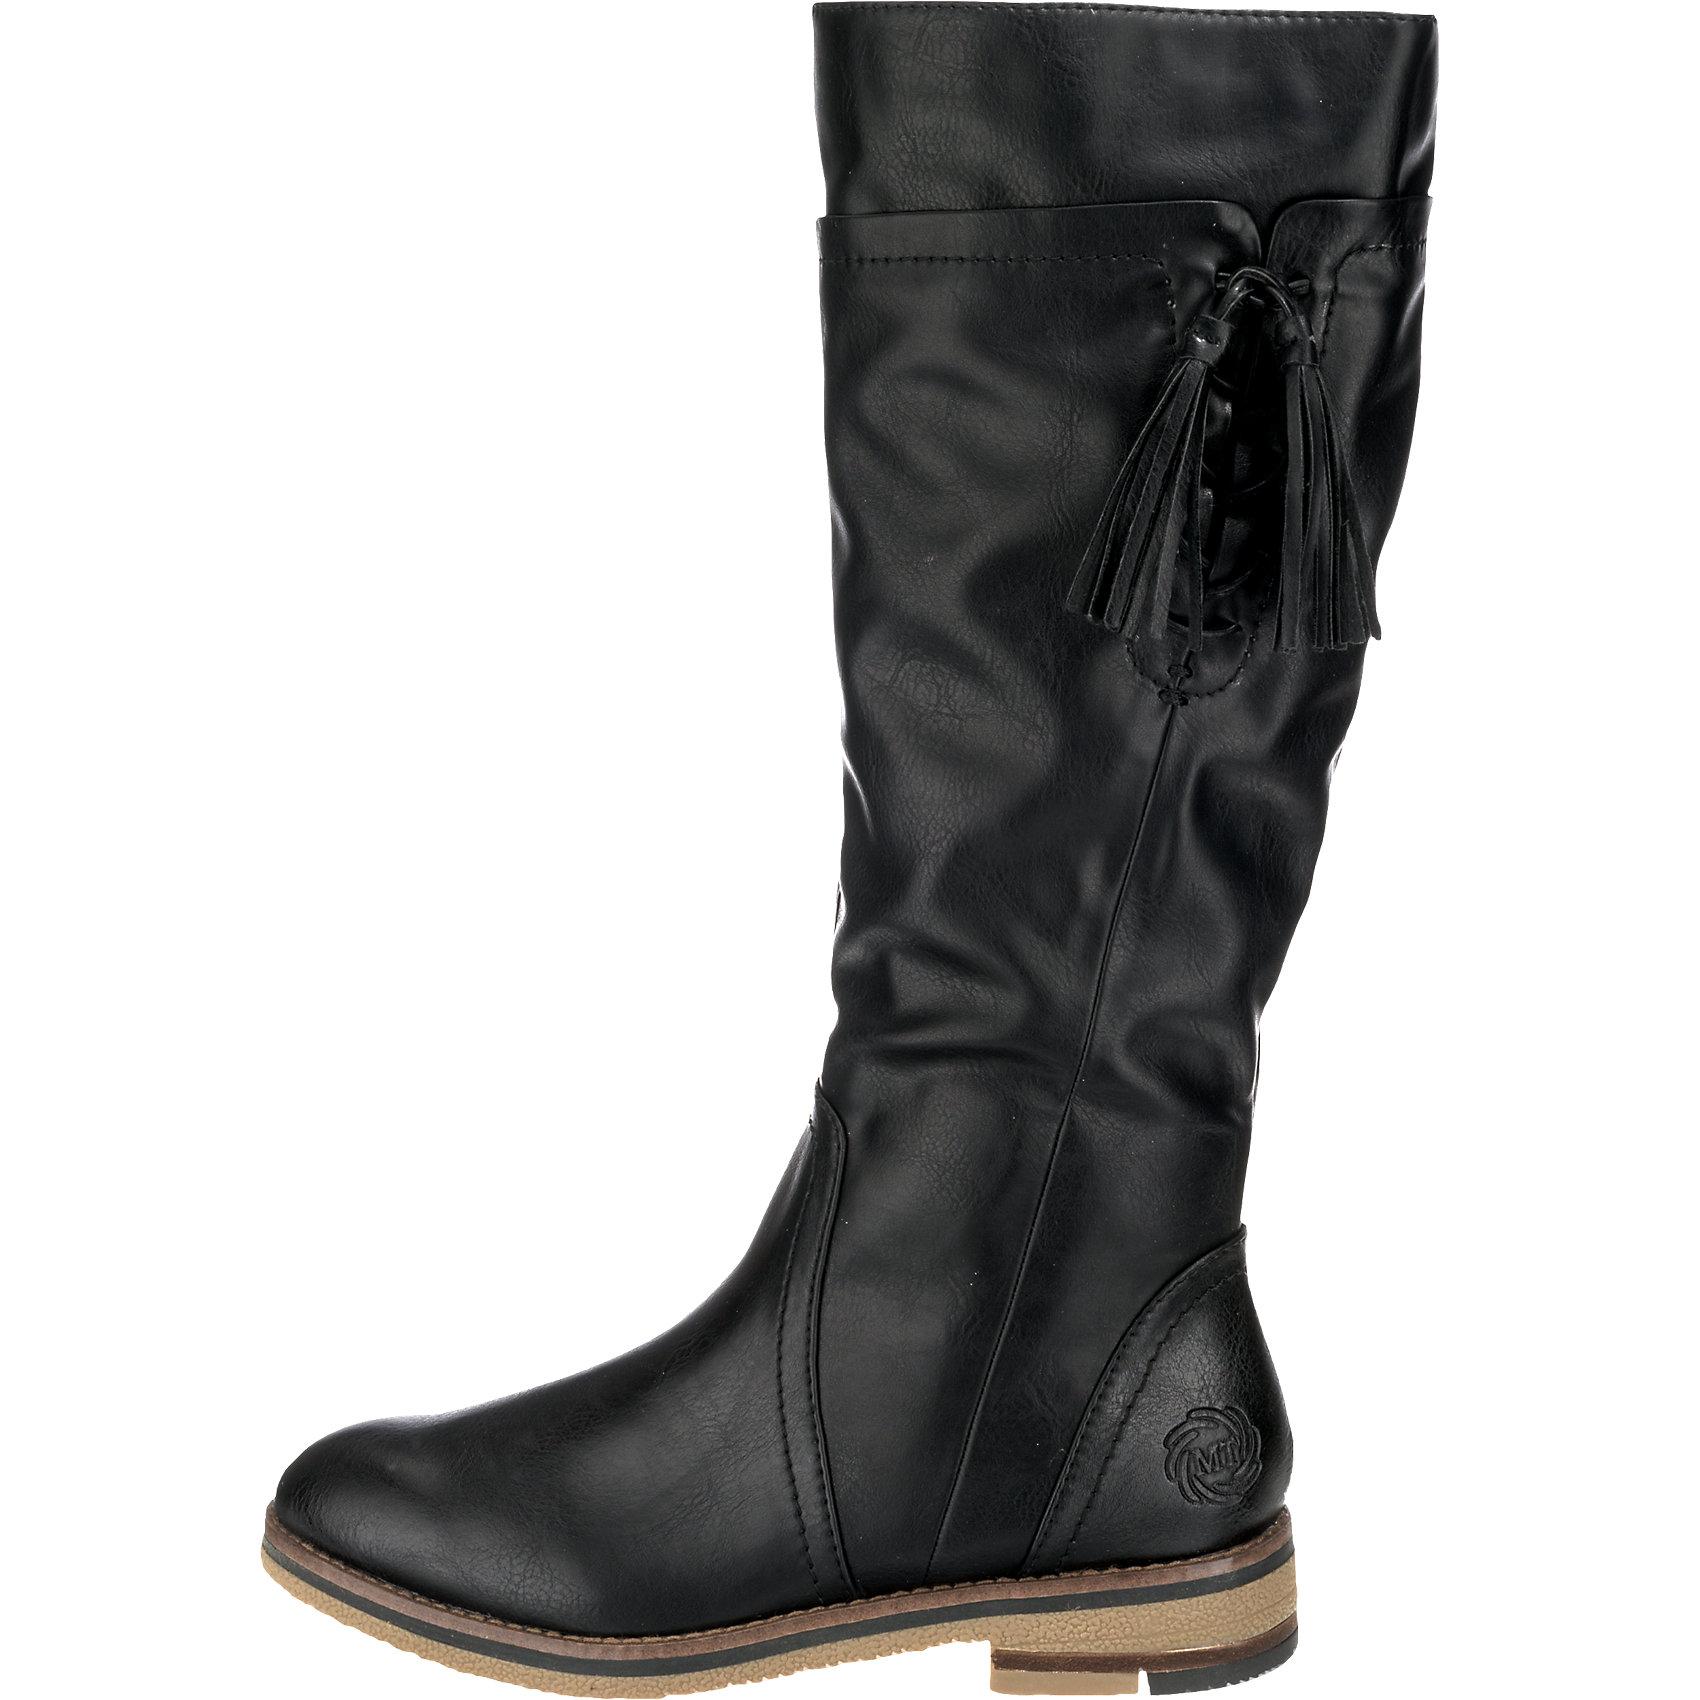 Neu-MARCO-TOZZI-Lera-Stiefel-braun-schwarz-5760290